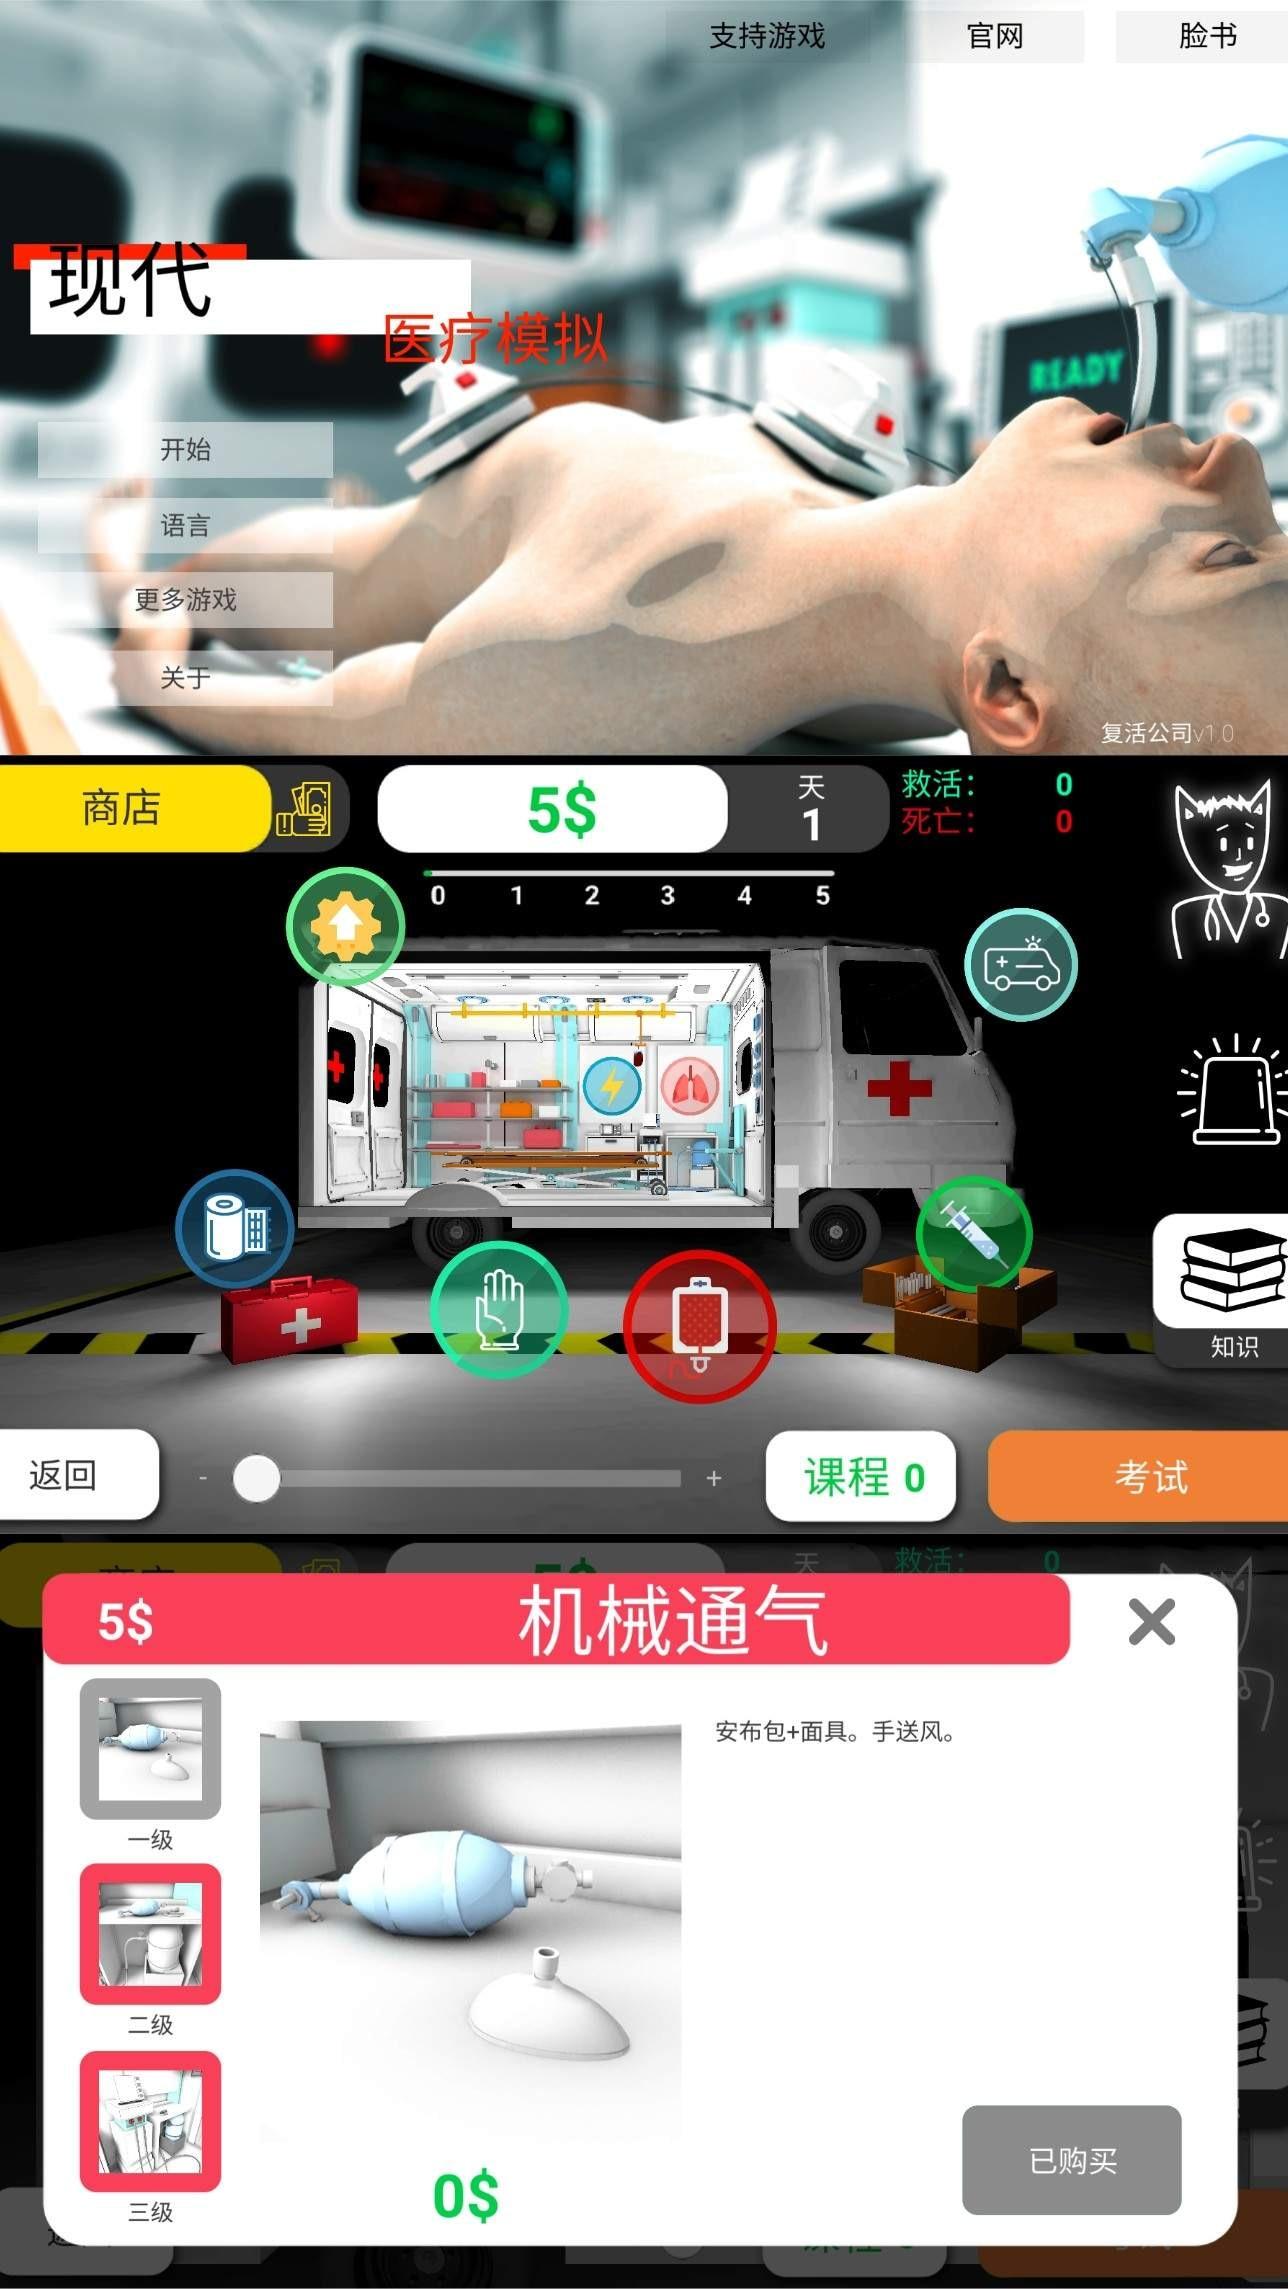 现代医疗模拟器安卓版手游 乔合软件库资源网